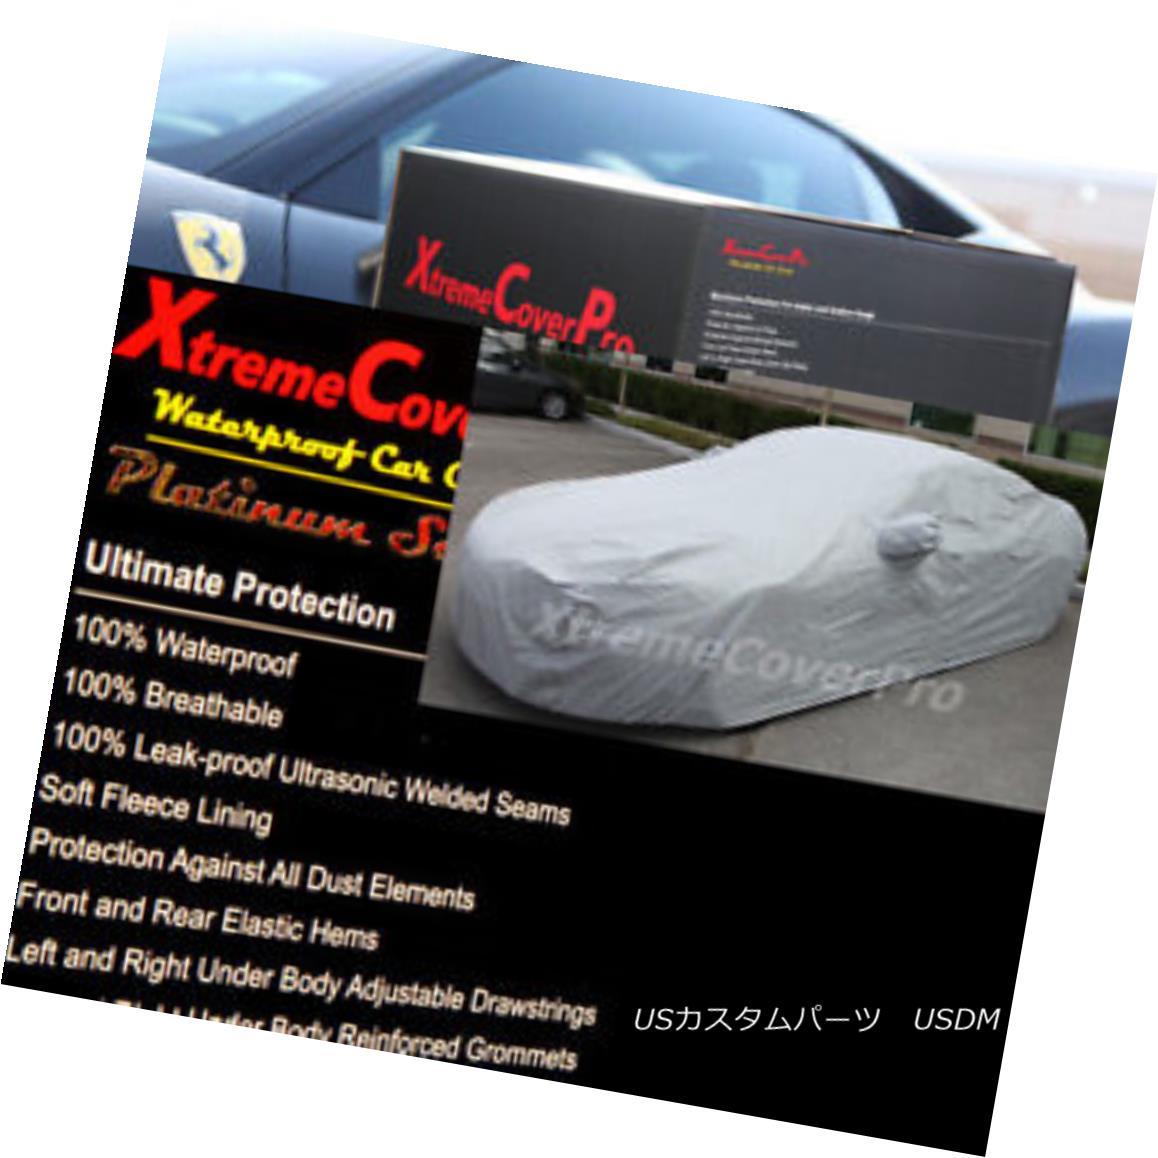 カーカバー 2015 TOYOTA PRIUS-C Waterproof Car Cover w/Mirror Pockets - Gray 2015 TOYOTA PRIUS-C防水カーカバー(ミラーポケット付) - グレー